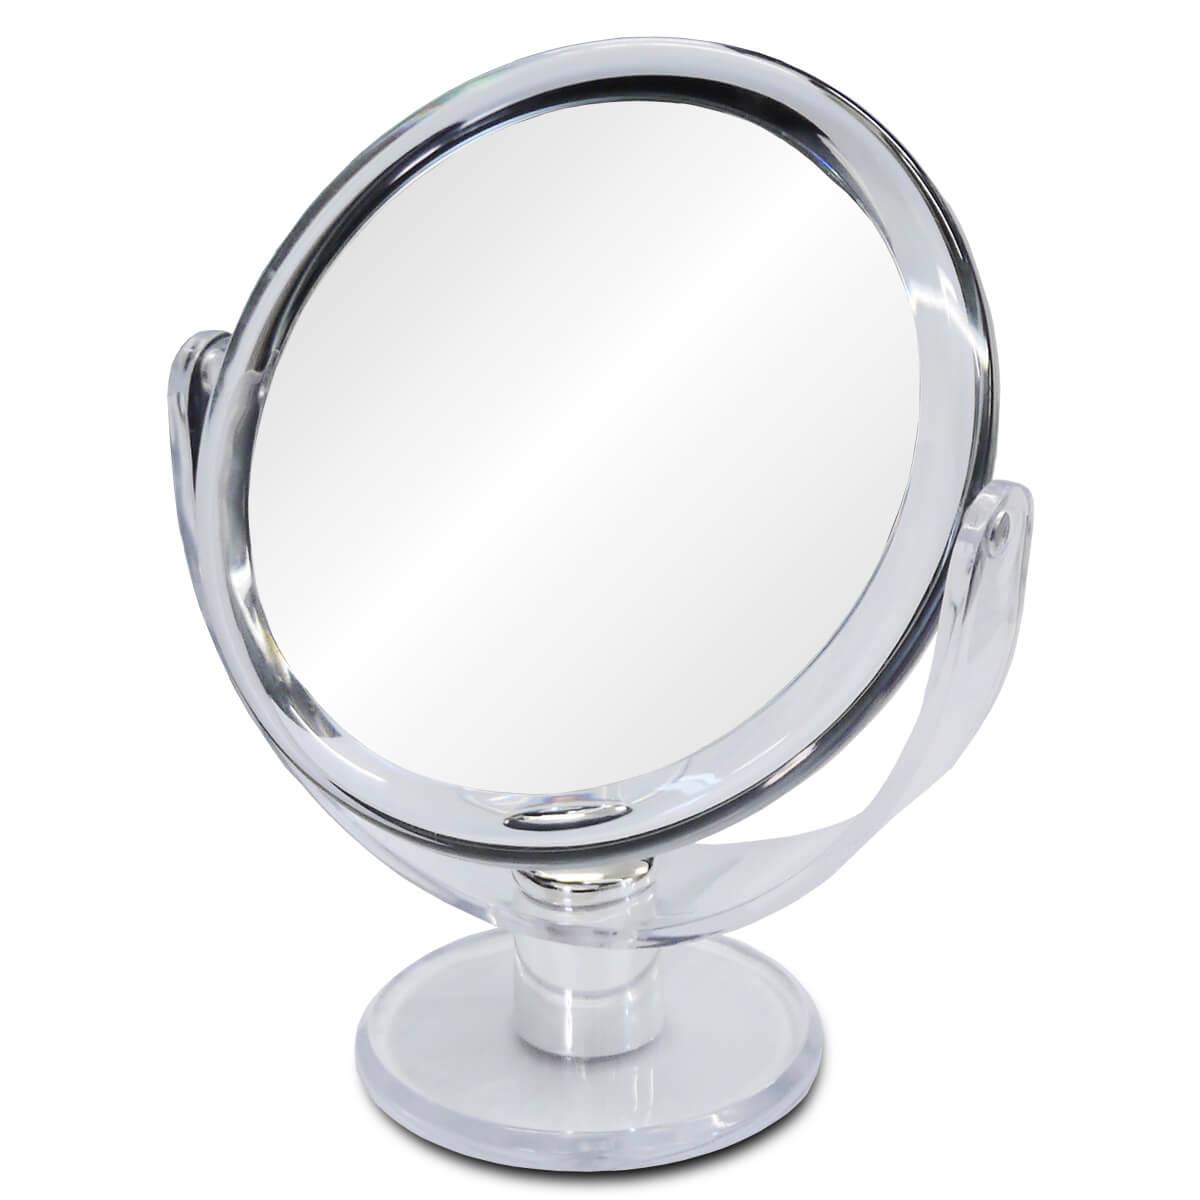 蔵 10倍鏡 拡大鏡 メイク 化粧 コンタクトレンズ スキンケア 通常の鏡の10倍の大きさで映る 細かなメイクや日々のスキンケアに最適 ミラー 10倍拡大鏡 シミ 鏡 宅配便送料無料 卓上ミラー シワ 10倍 全品最安値に挑戦